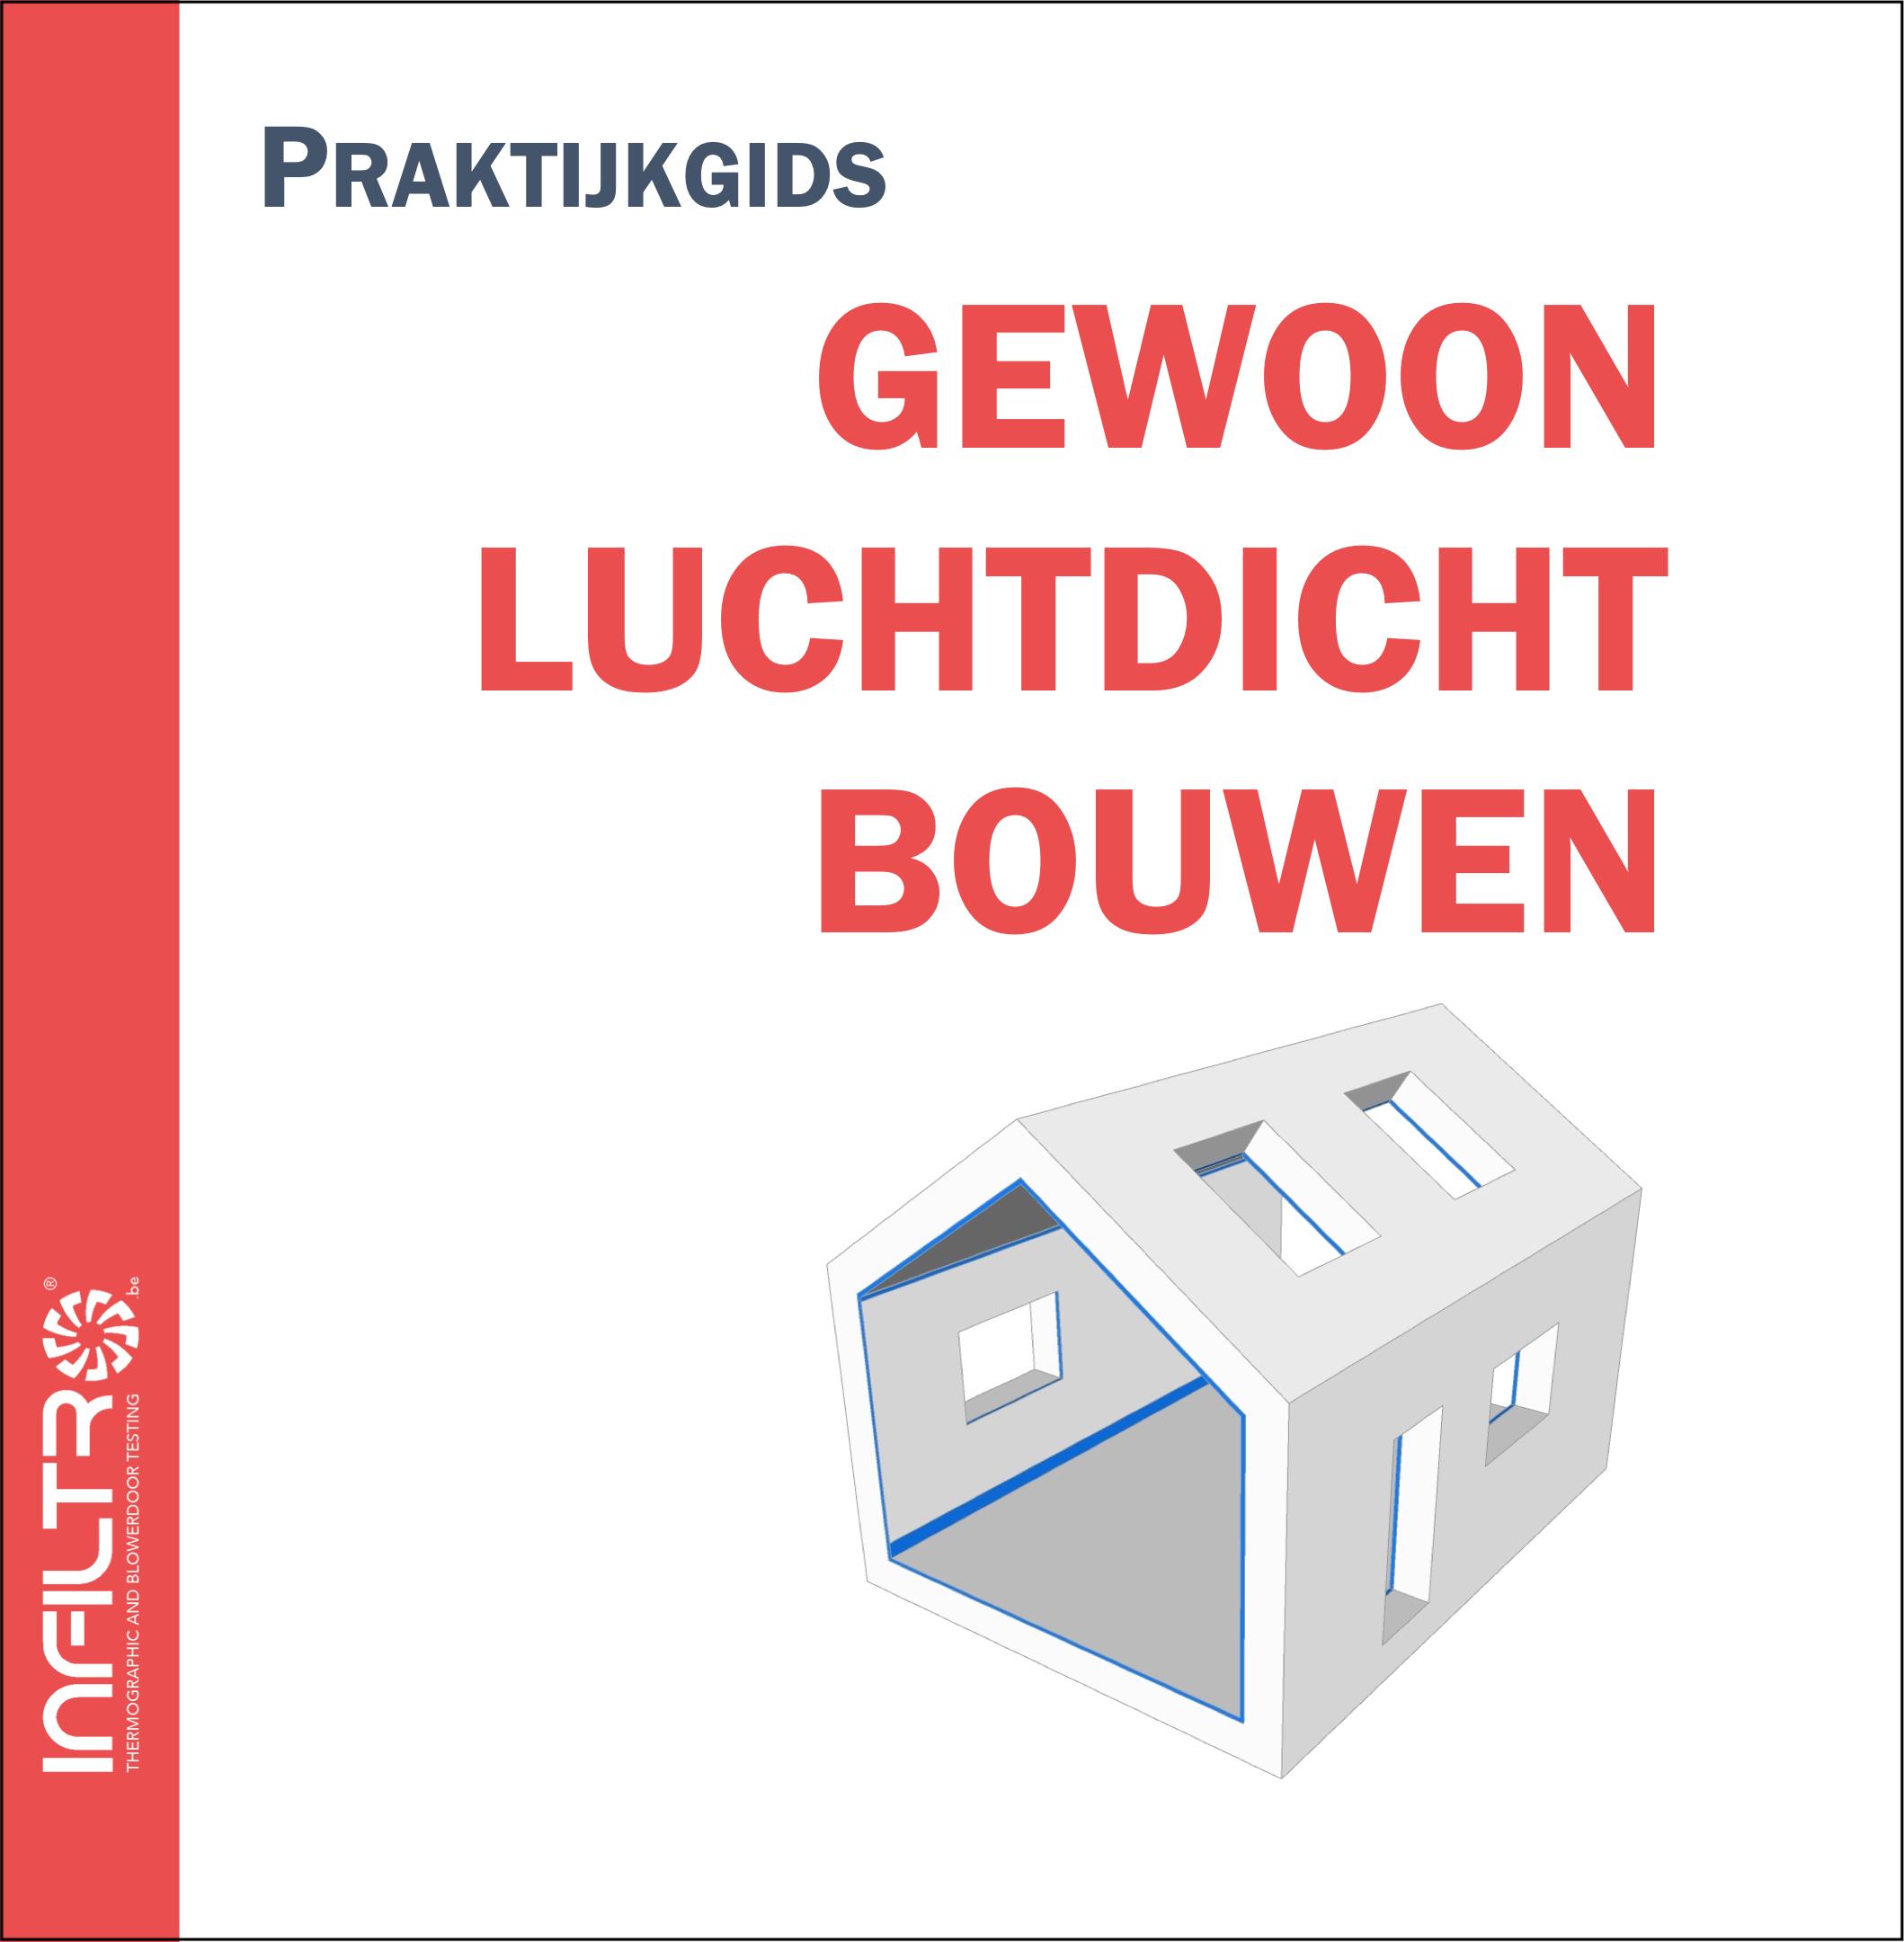 praktijkgids_front